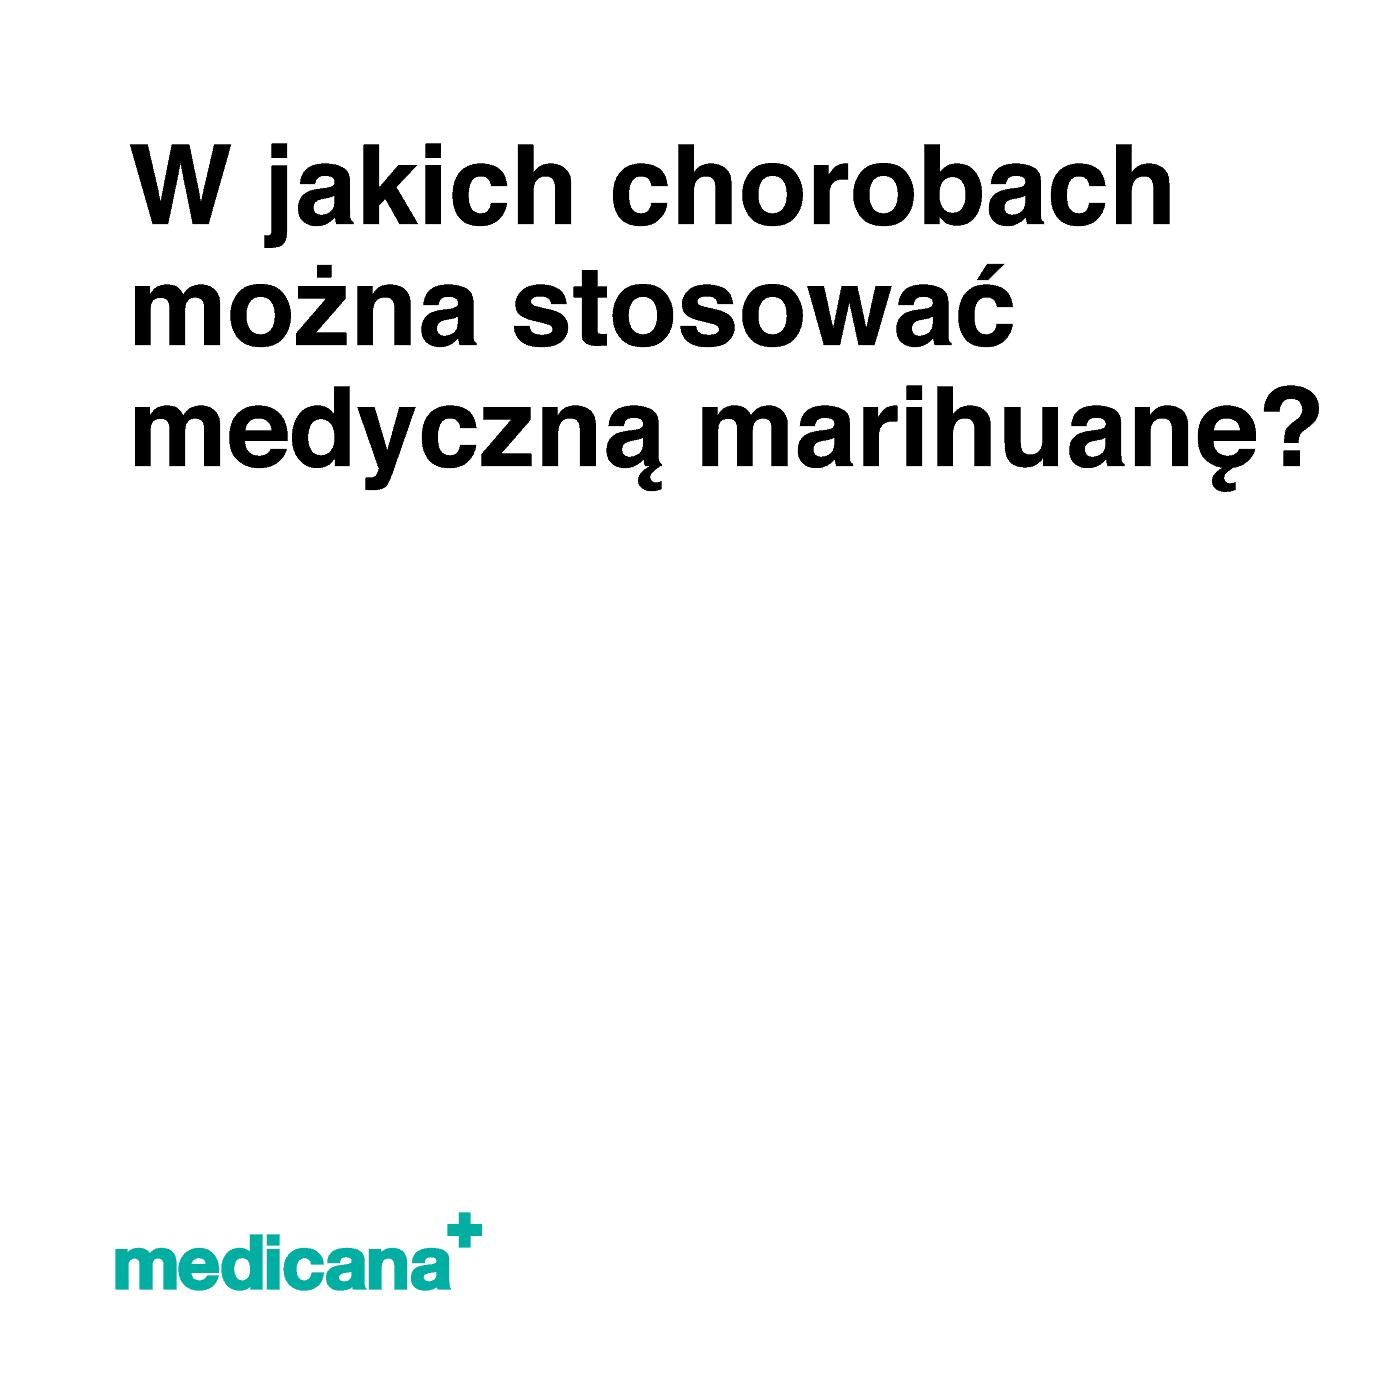 Grafika, białe tło z czarnym napisem W jakich chorobach można stosować medyczną marihuanę? oraz zielonym logo Medicana w lewym dolnym rogu.